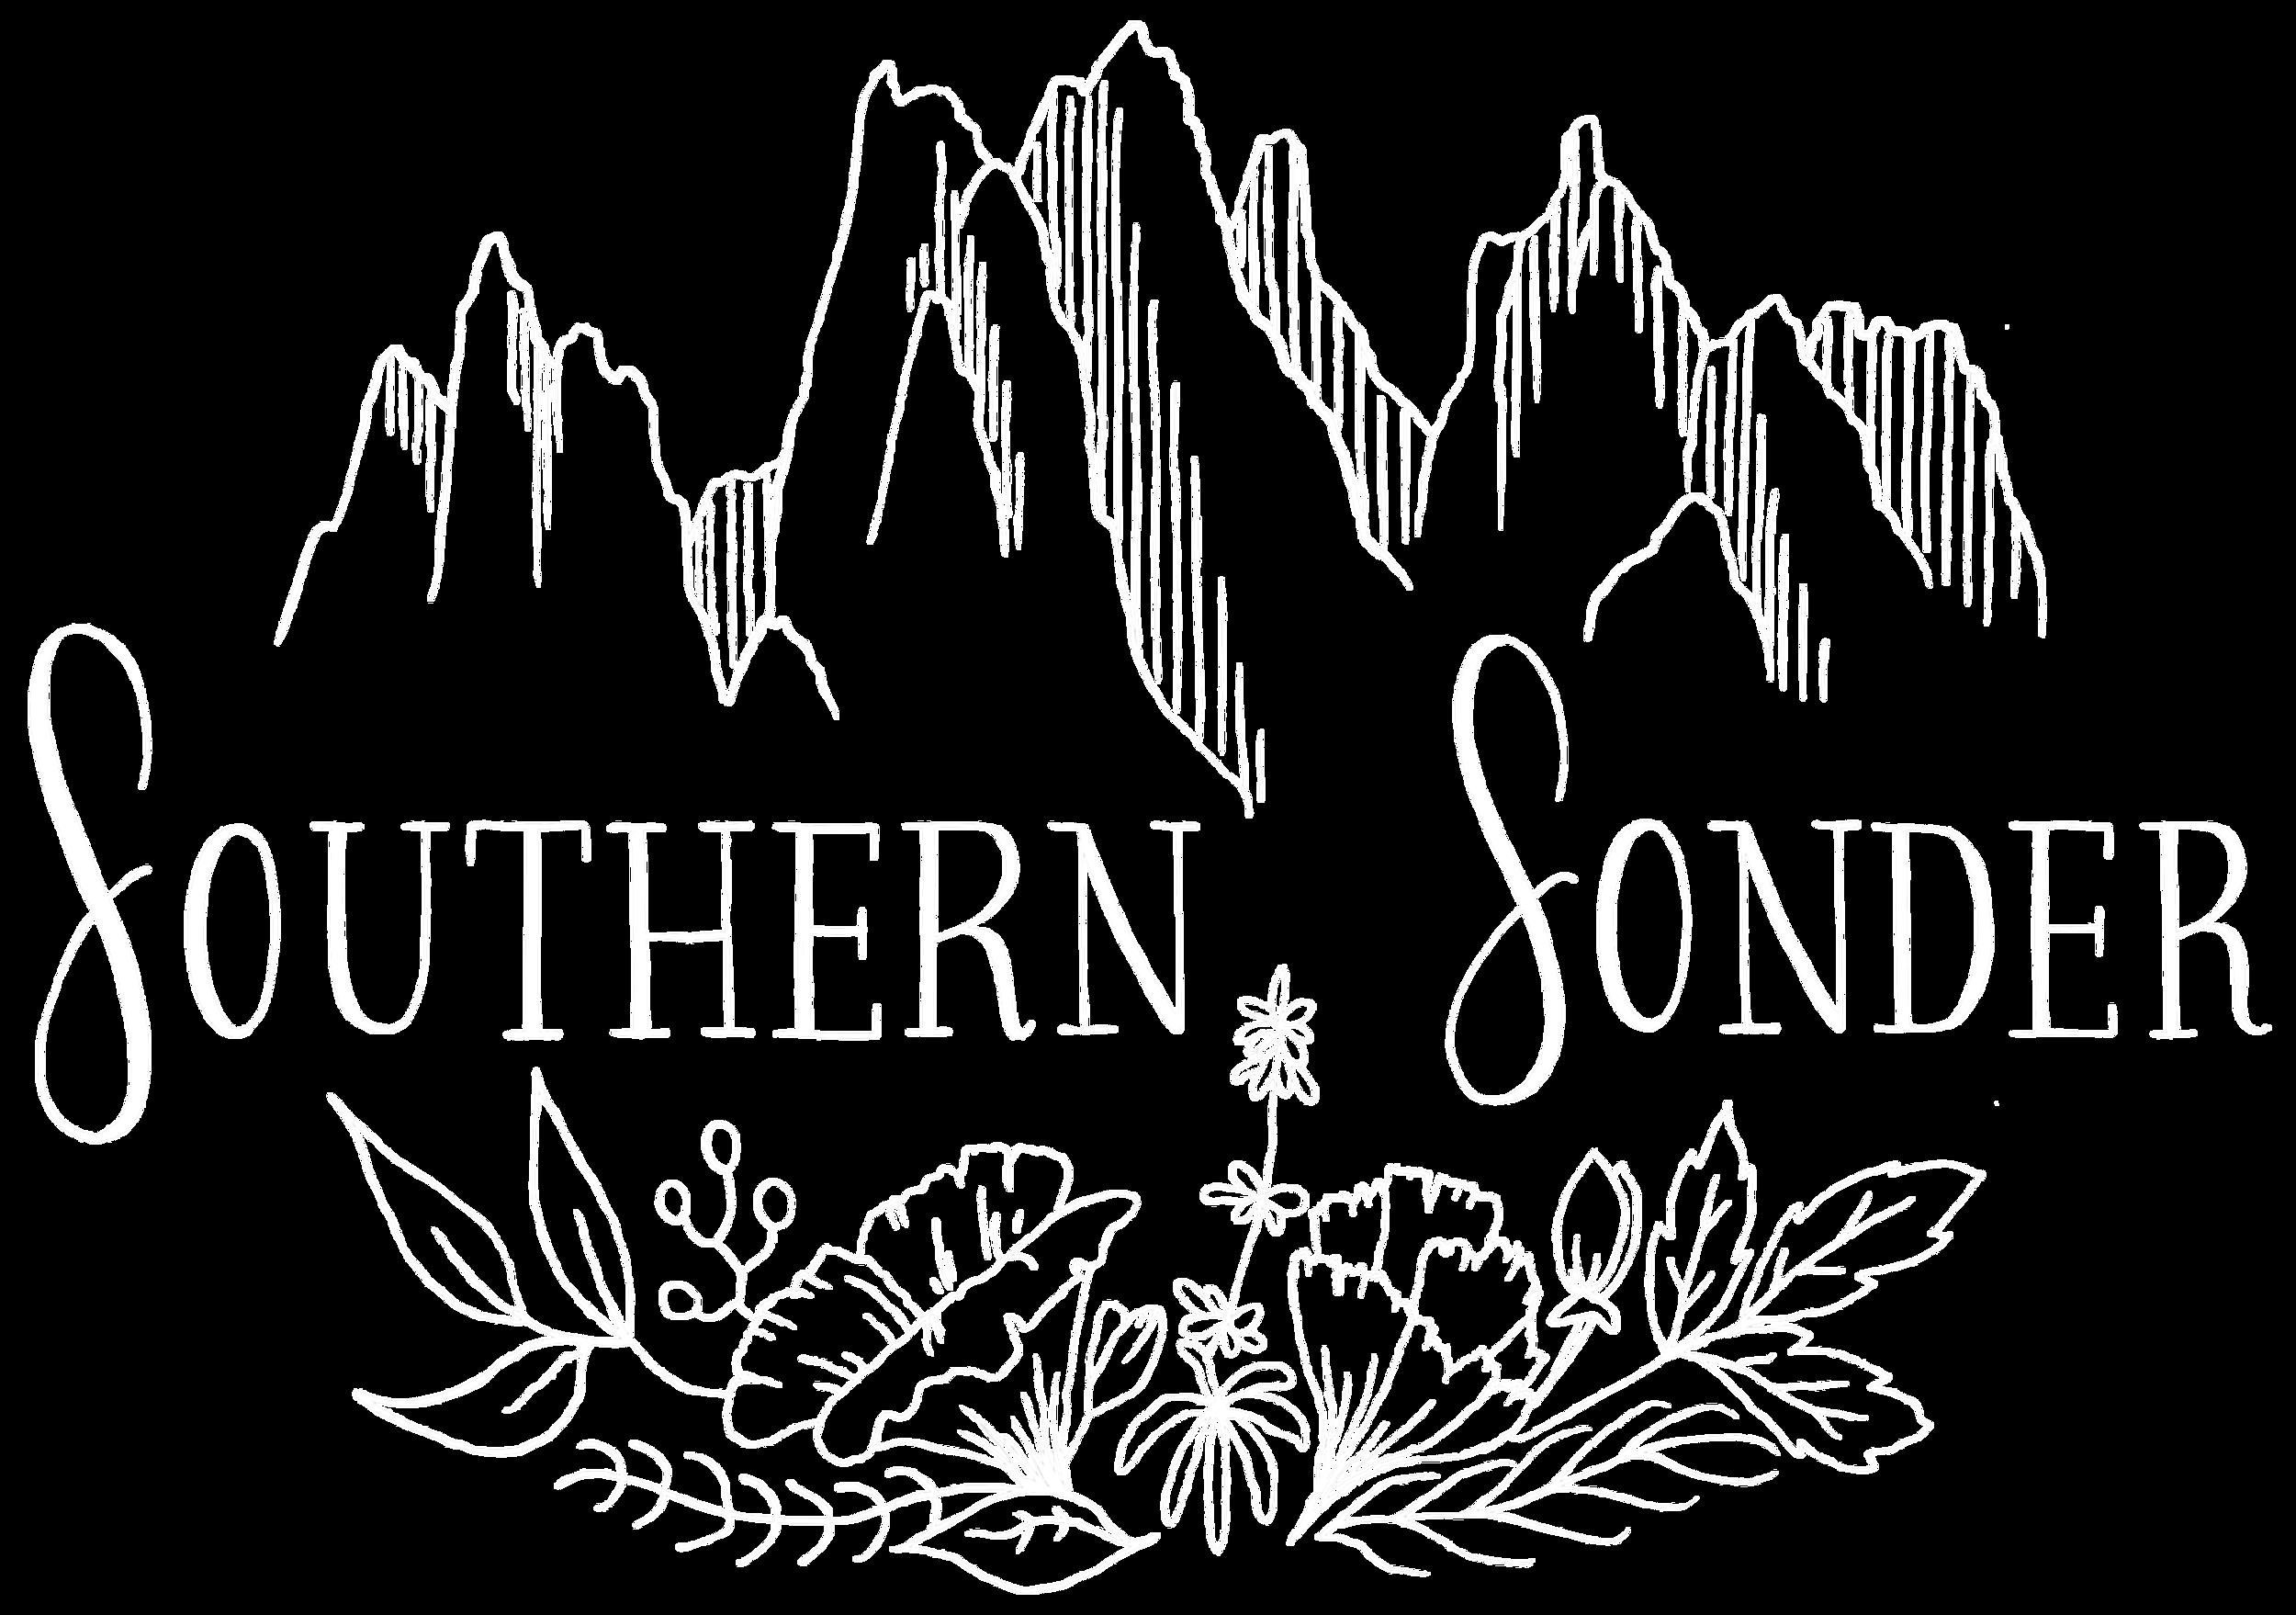 Southern_Sonder_White.png